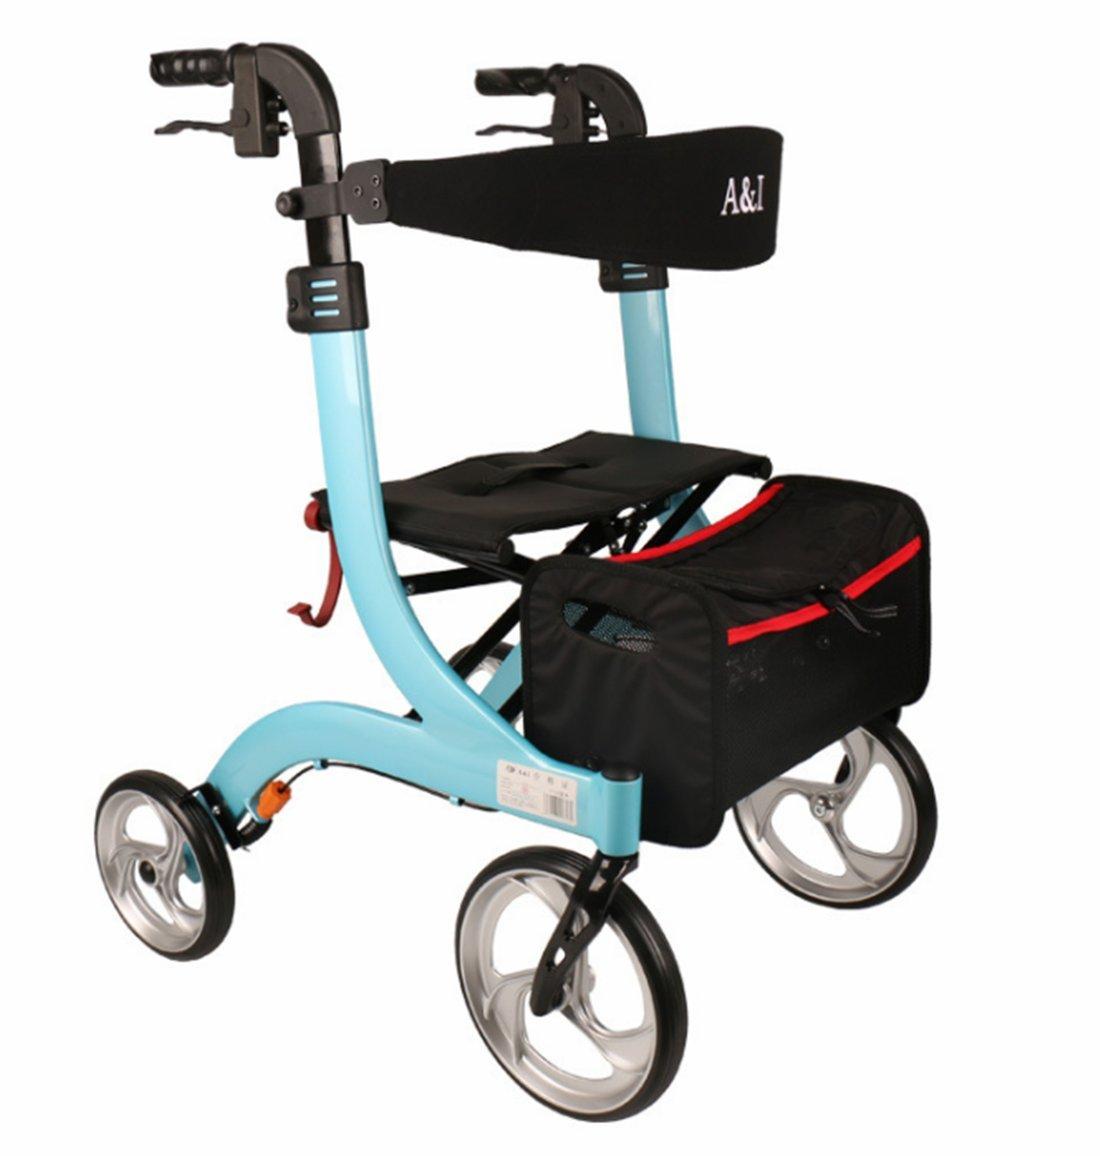 Amazon.com: DDPP - Silla de aluminio con cuatro ruedas para ...